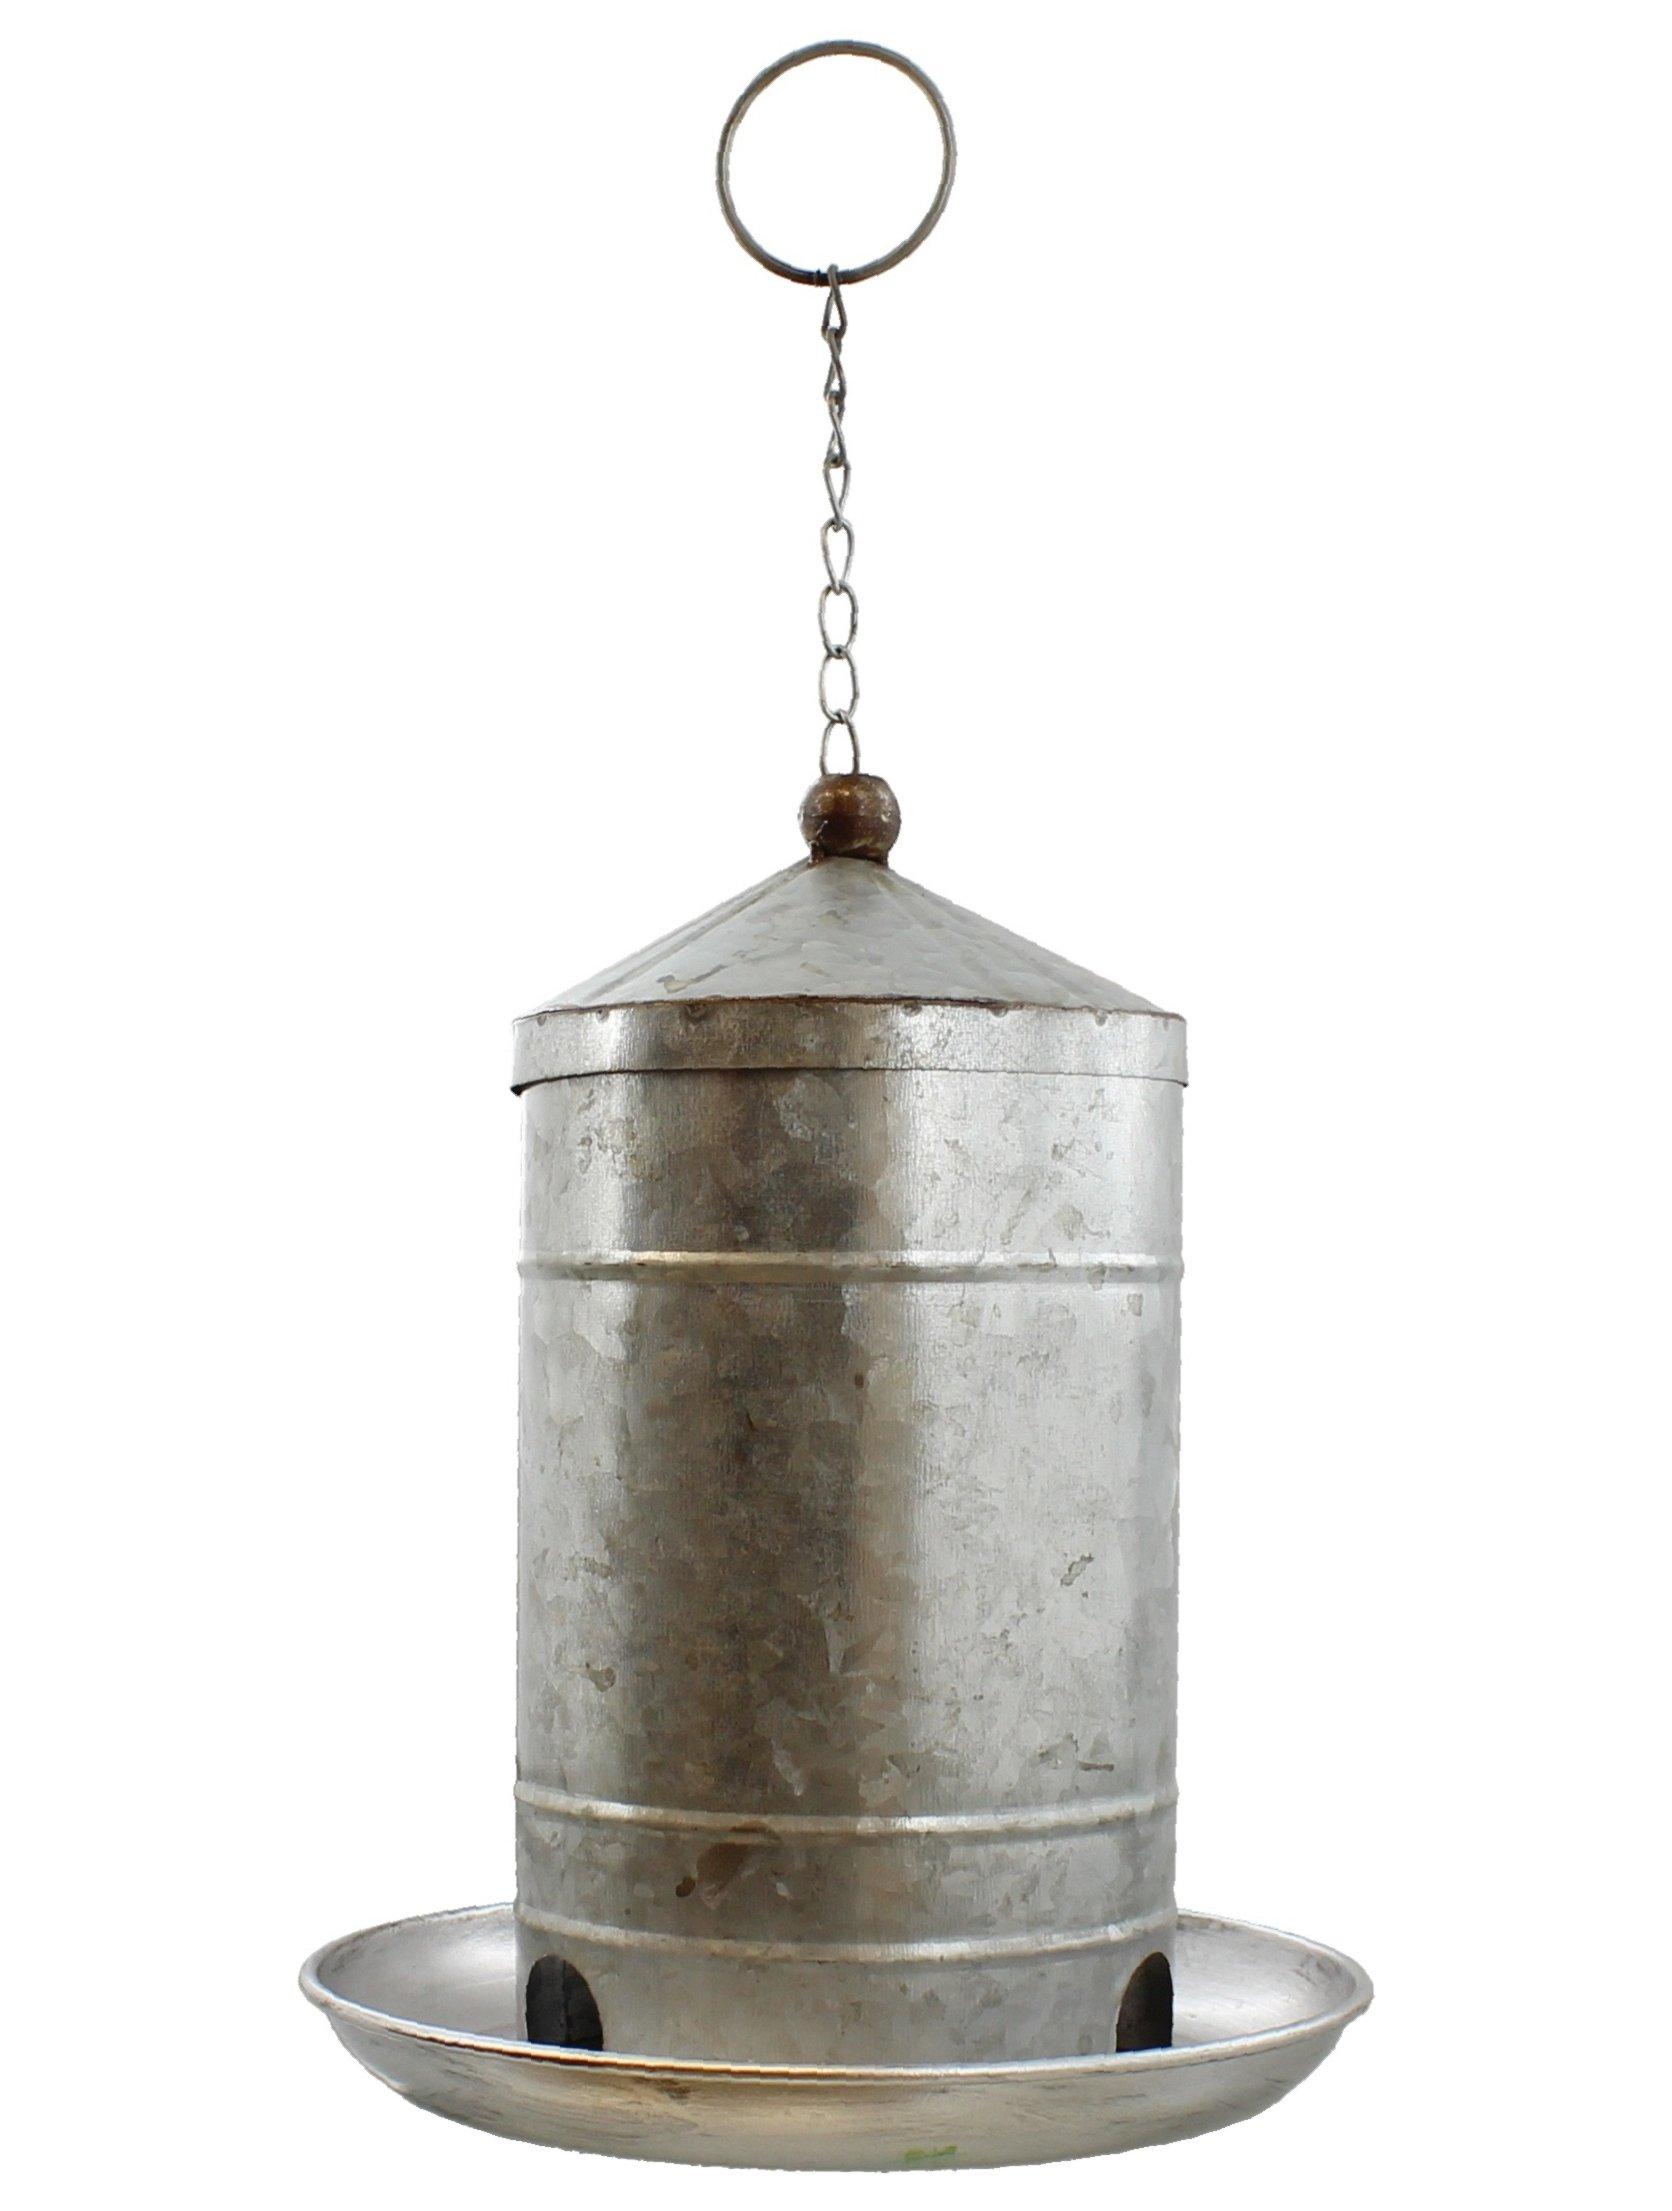 LL Home 11'' Decorative Galvanized Metal Hanging Silo Wild Bird Feeder